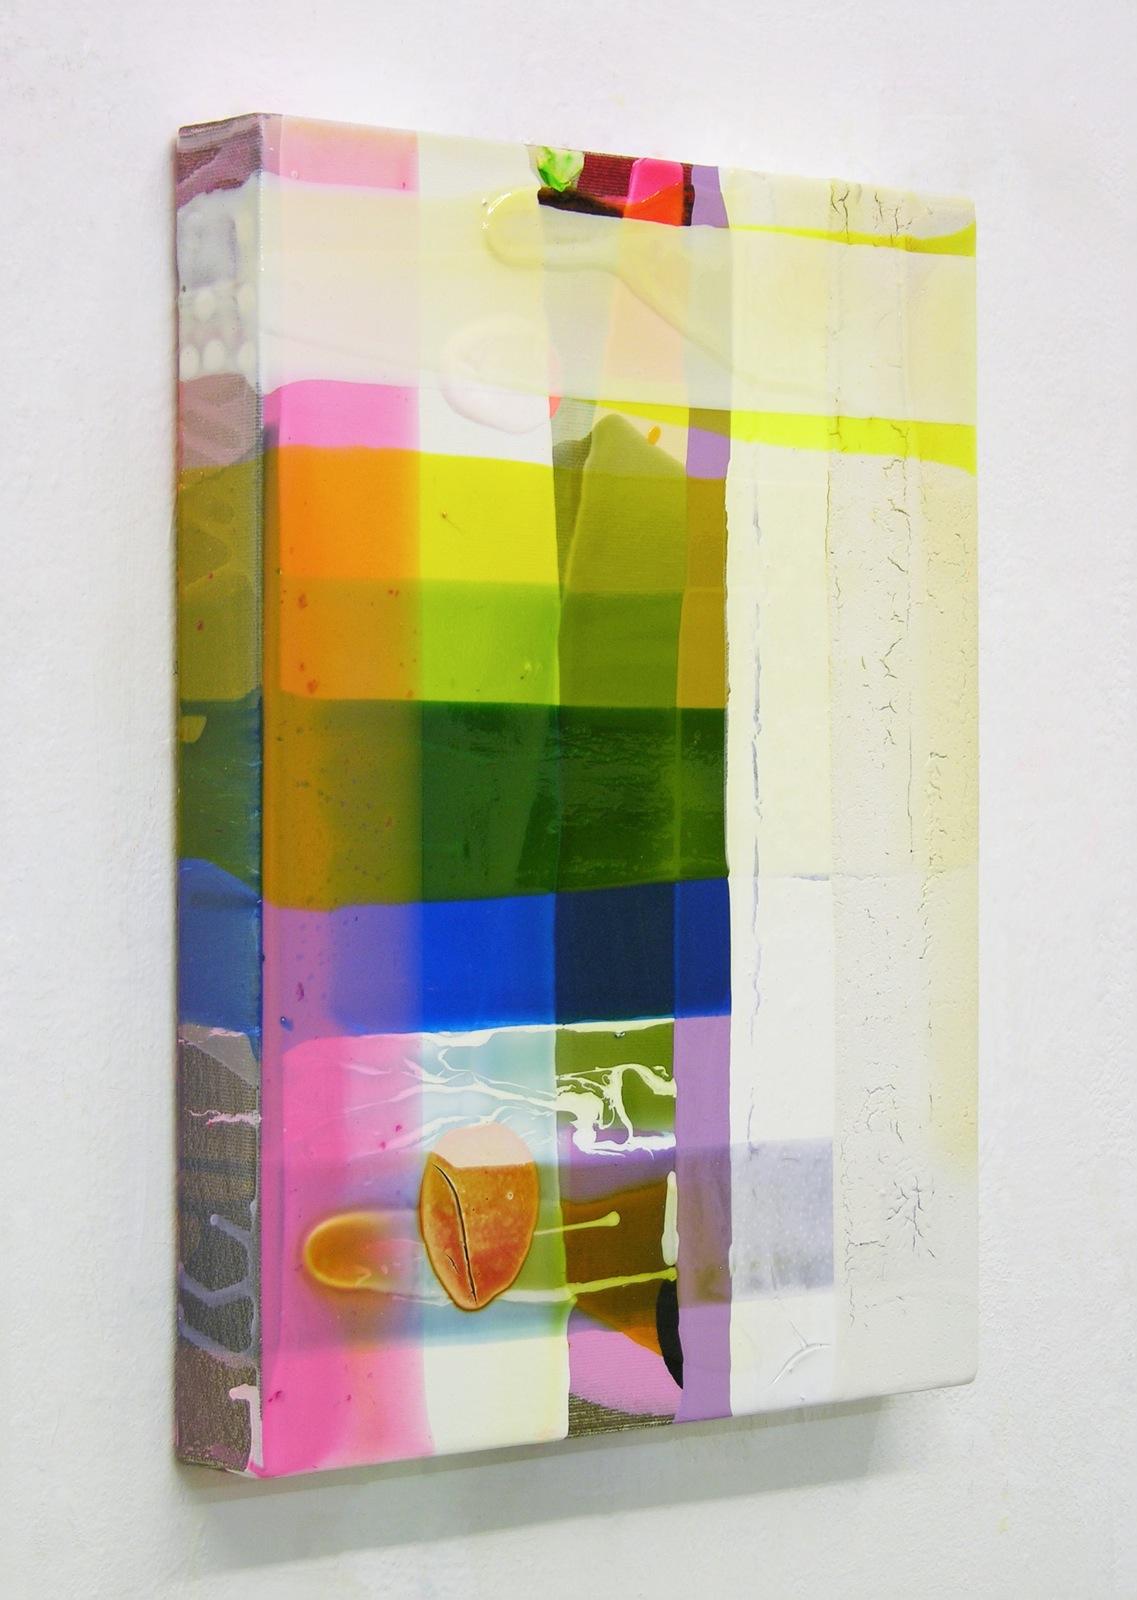 O-T. nah, 40x30 cm, Acrylfarbe, Leinwand, 2005